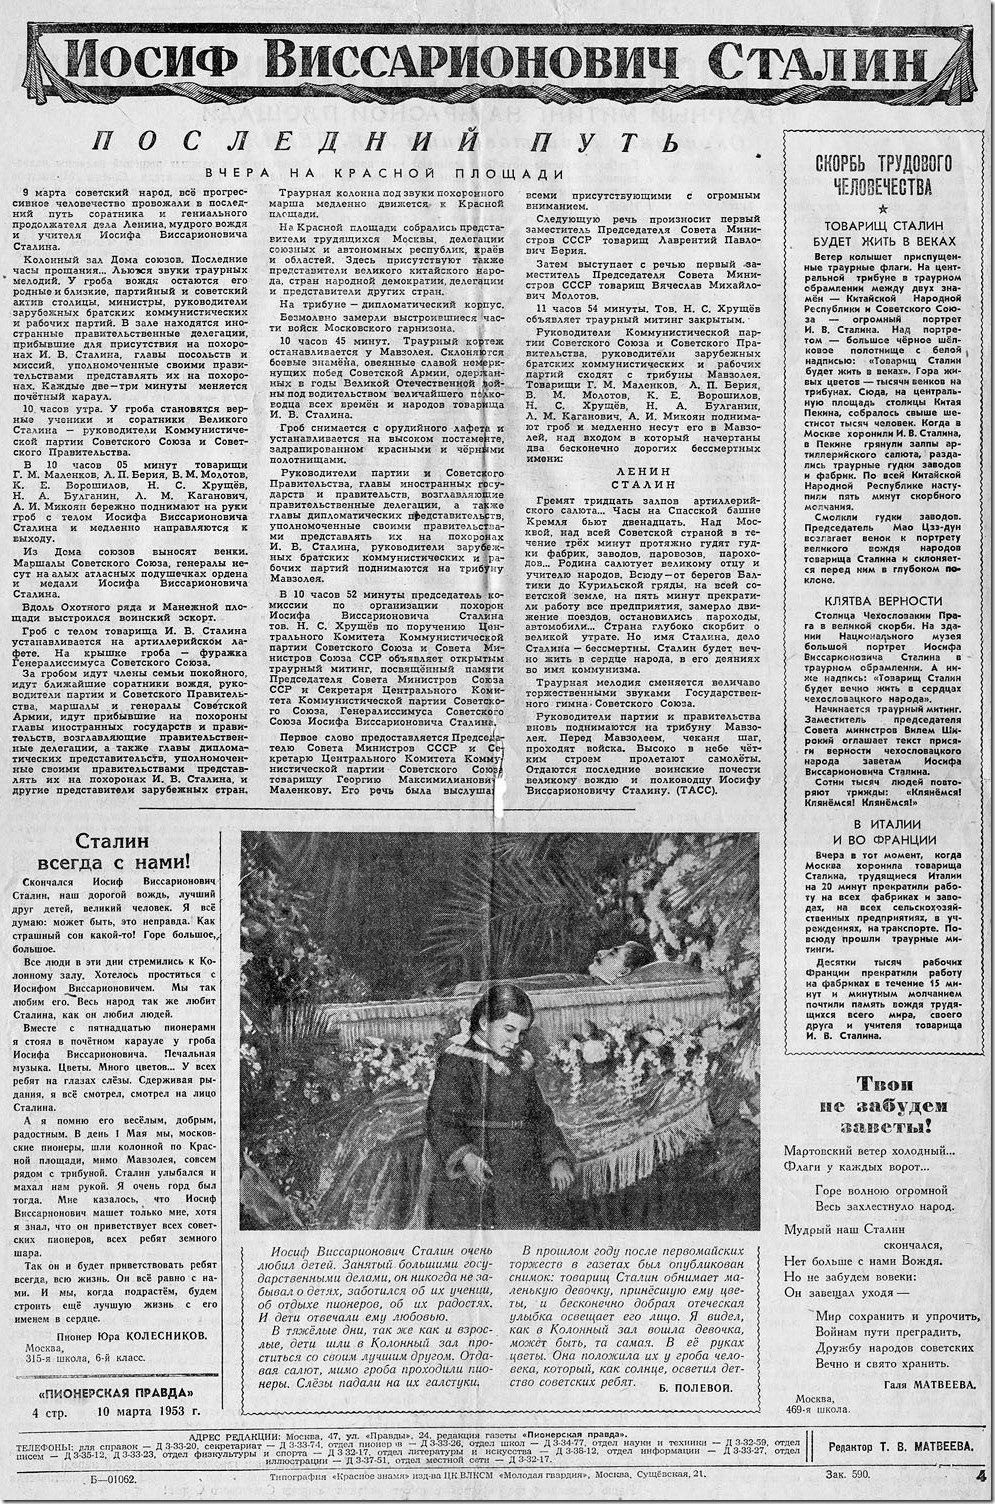 пионерская правда 10 марта 1953 года